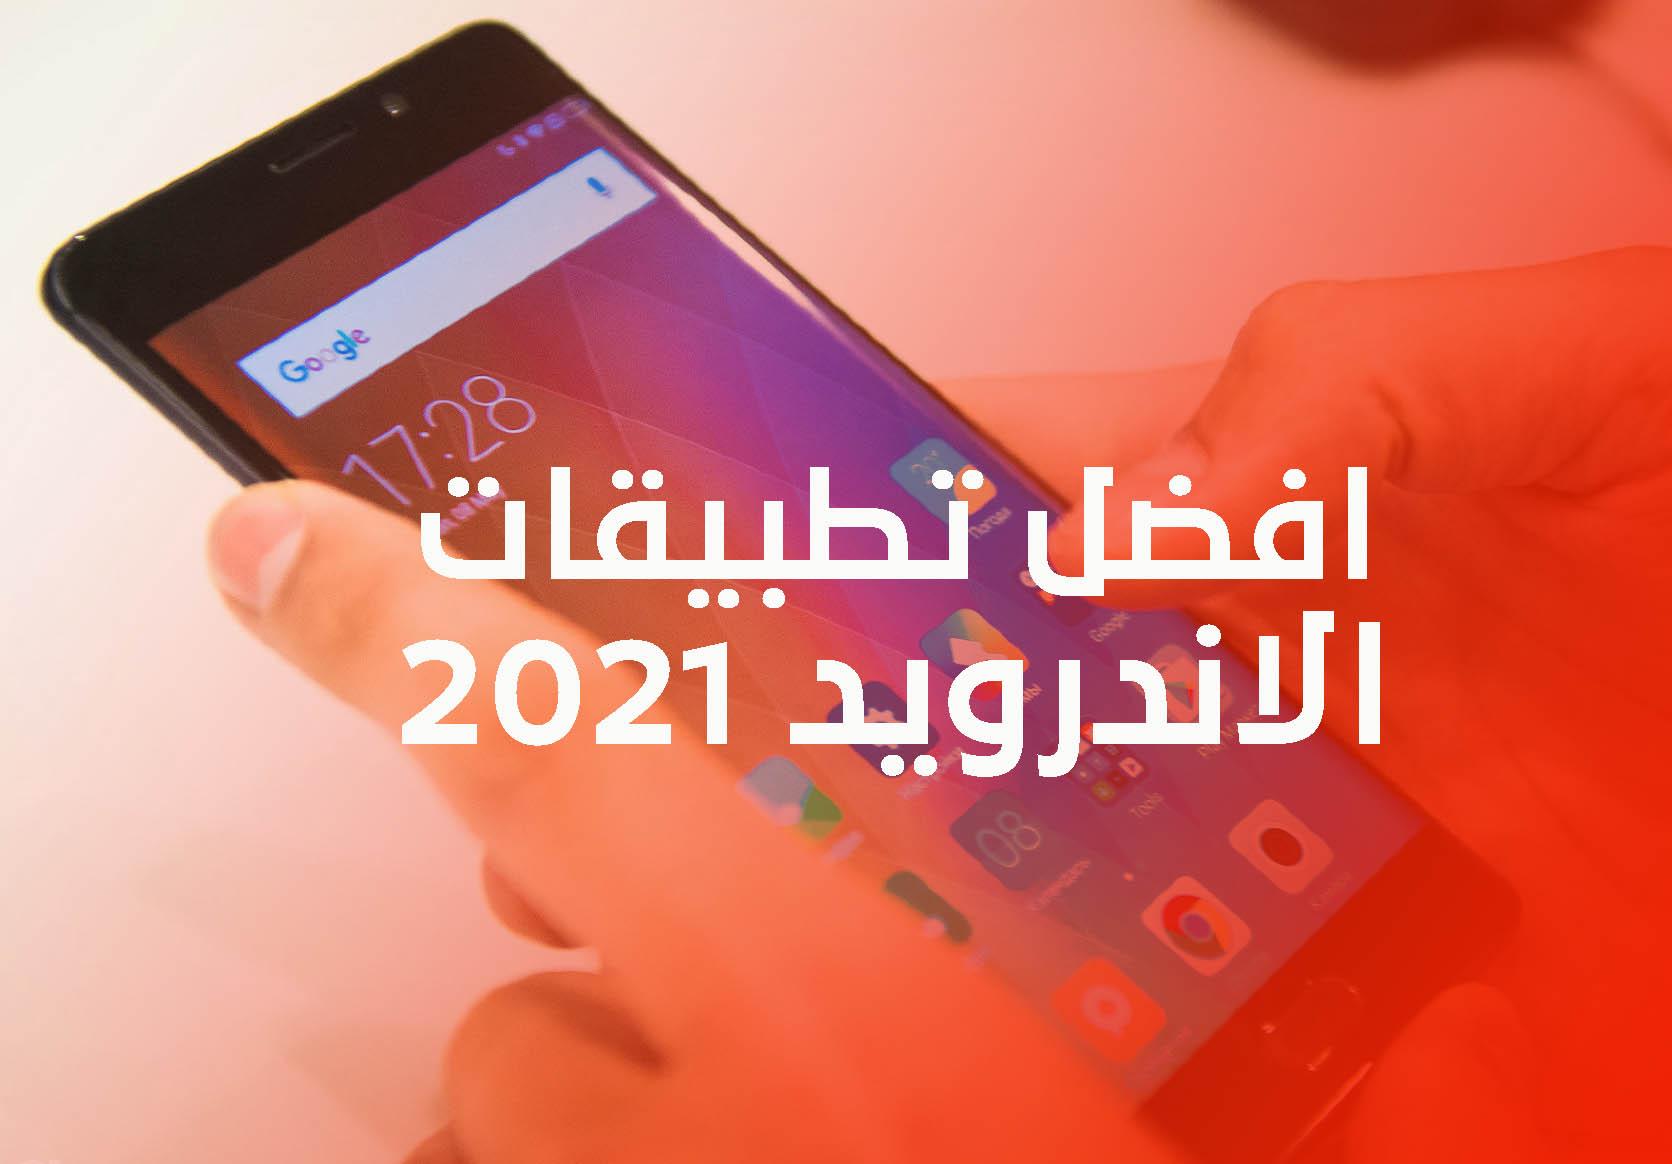 أفضل تطبيقات الاندرويد 2021 من خلال موقع جوال السعودية